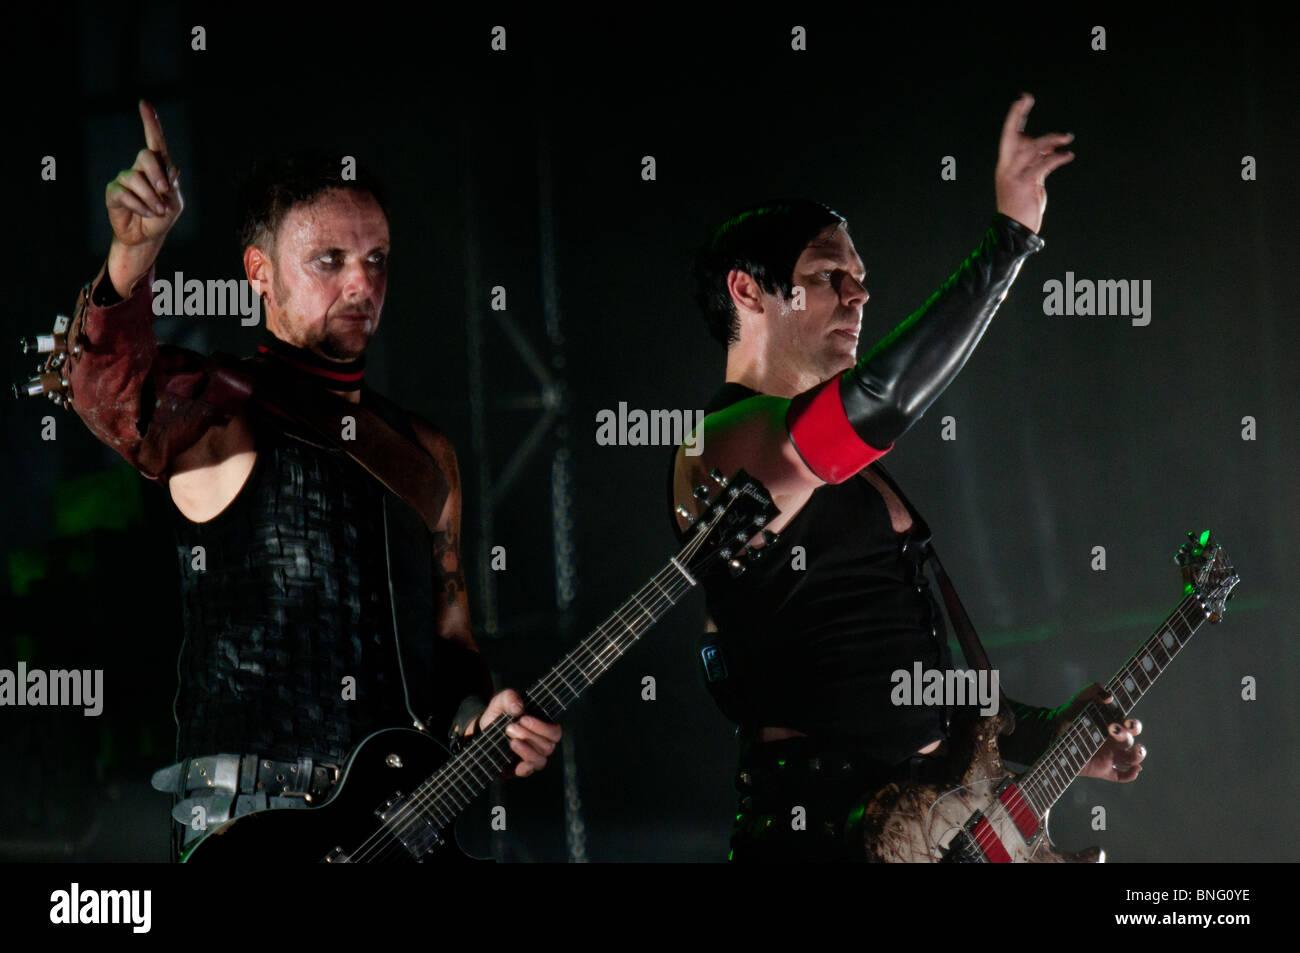 Richard Kruspe und Paul Landers, Rammstein-Gitarristen Stockbild